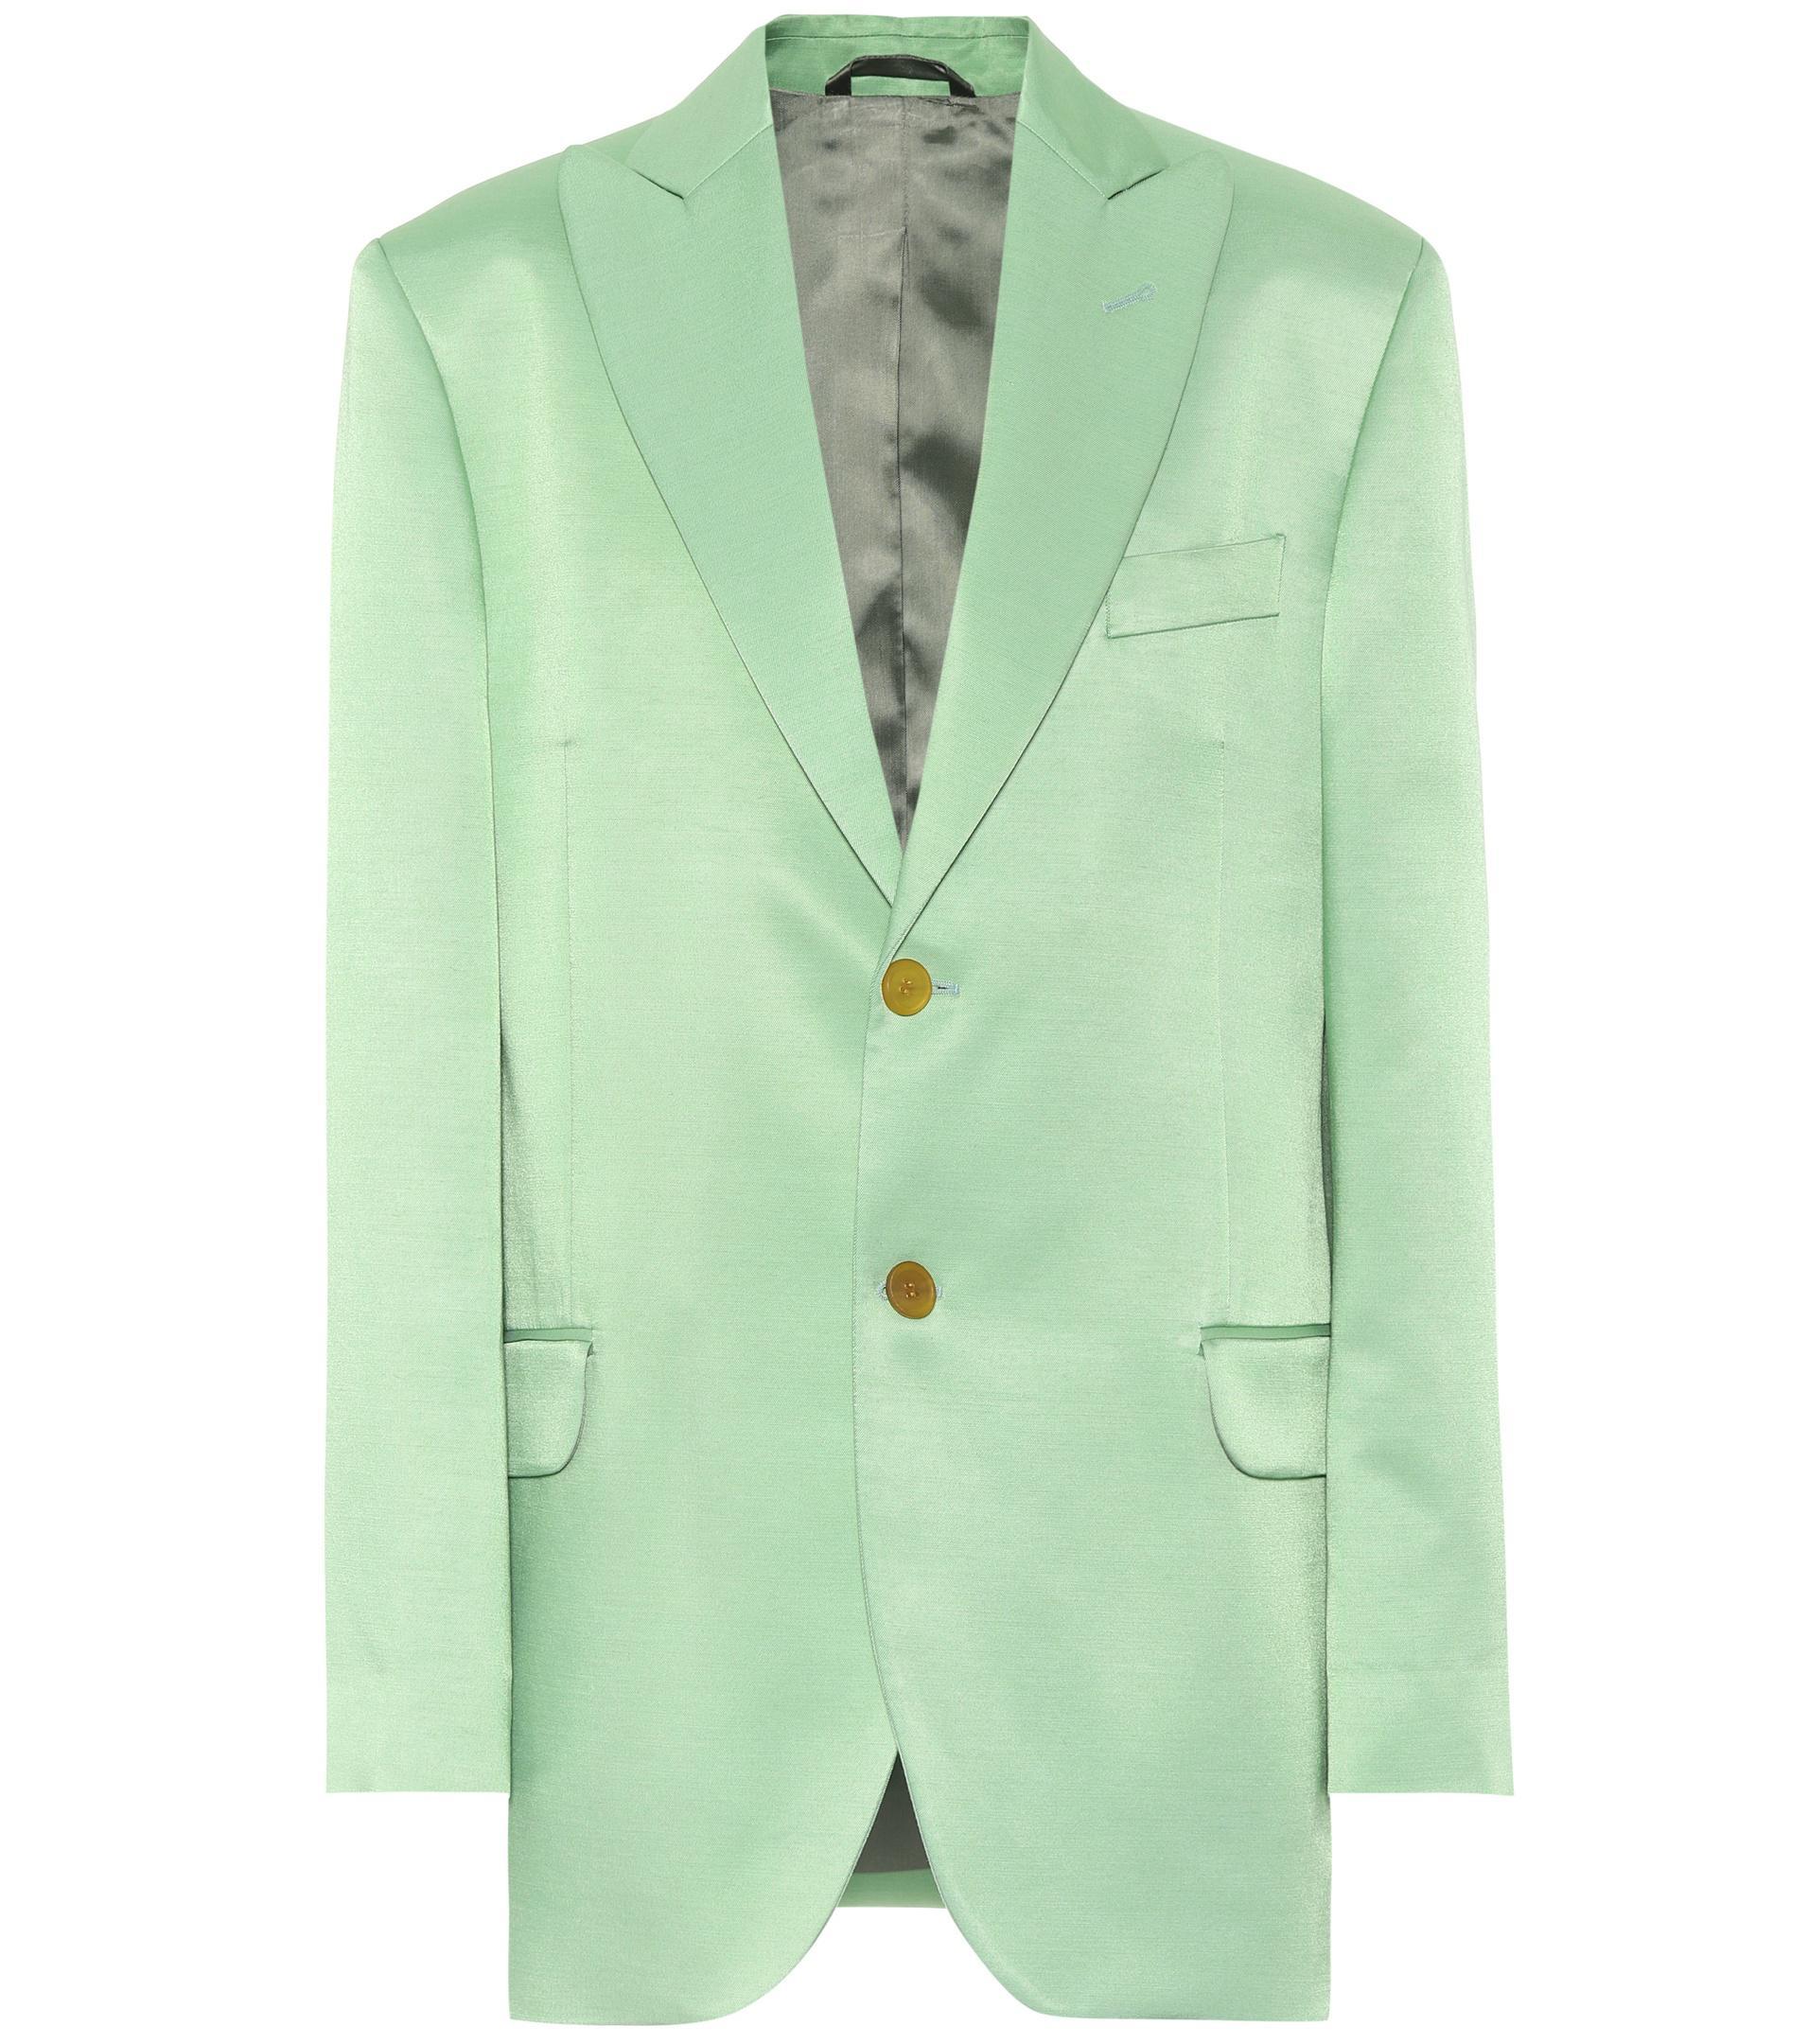 Jaria In Blend Green Lyst Blazer Wool Studios Acne bv7Yf6gy